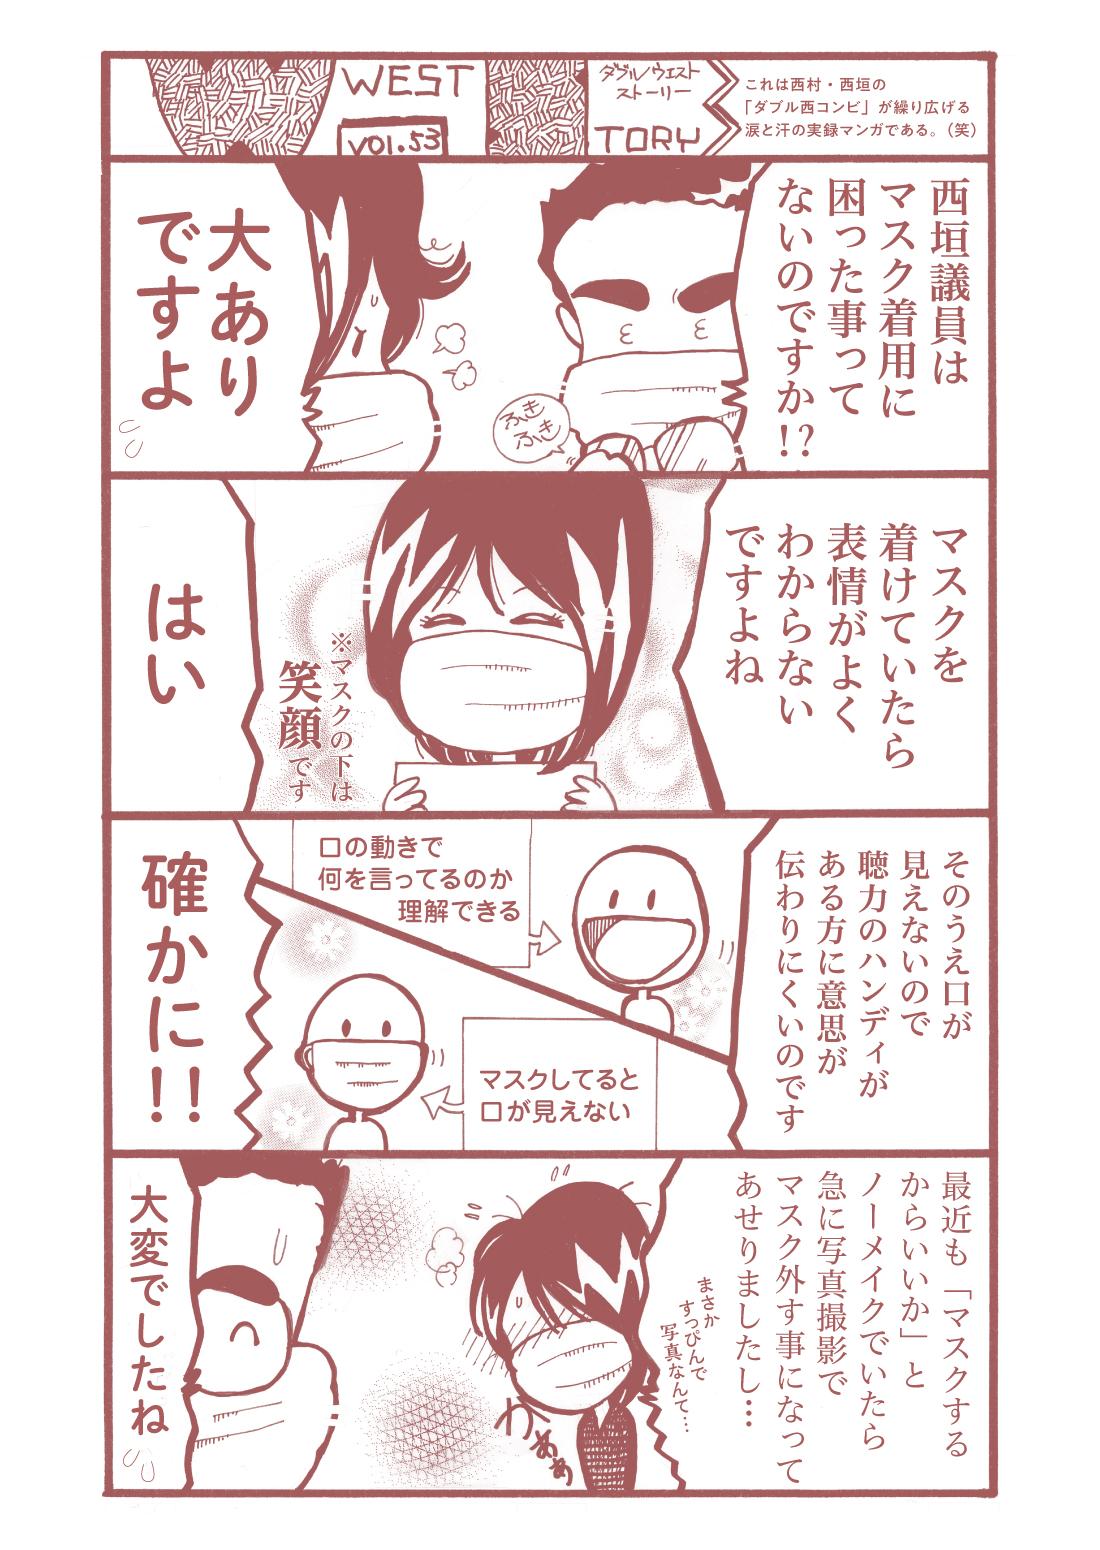 jitsuroku_vol53.jpg